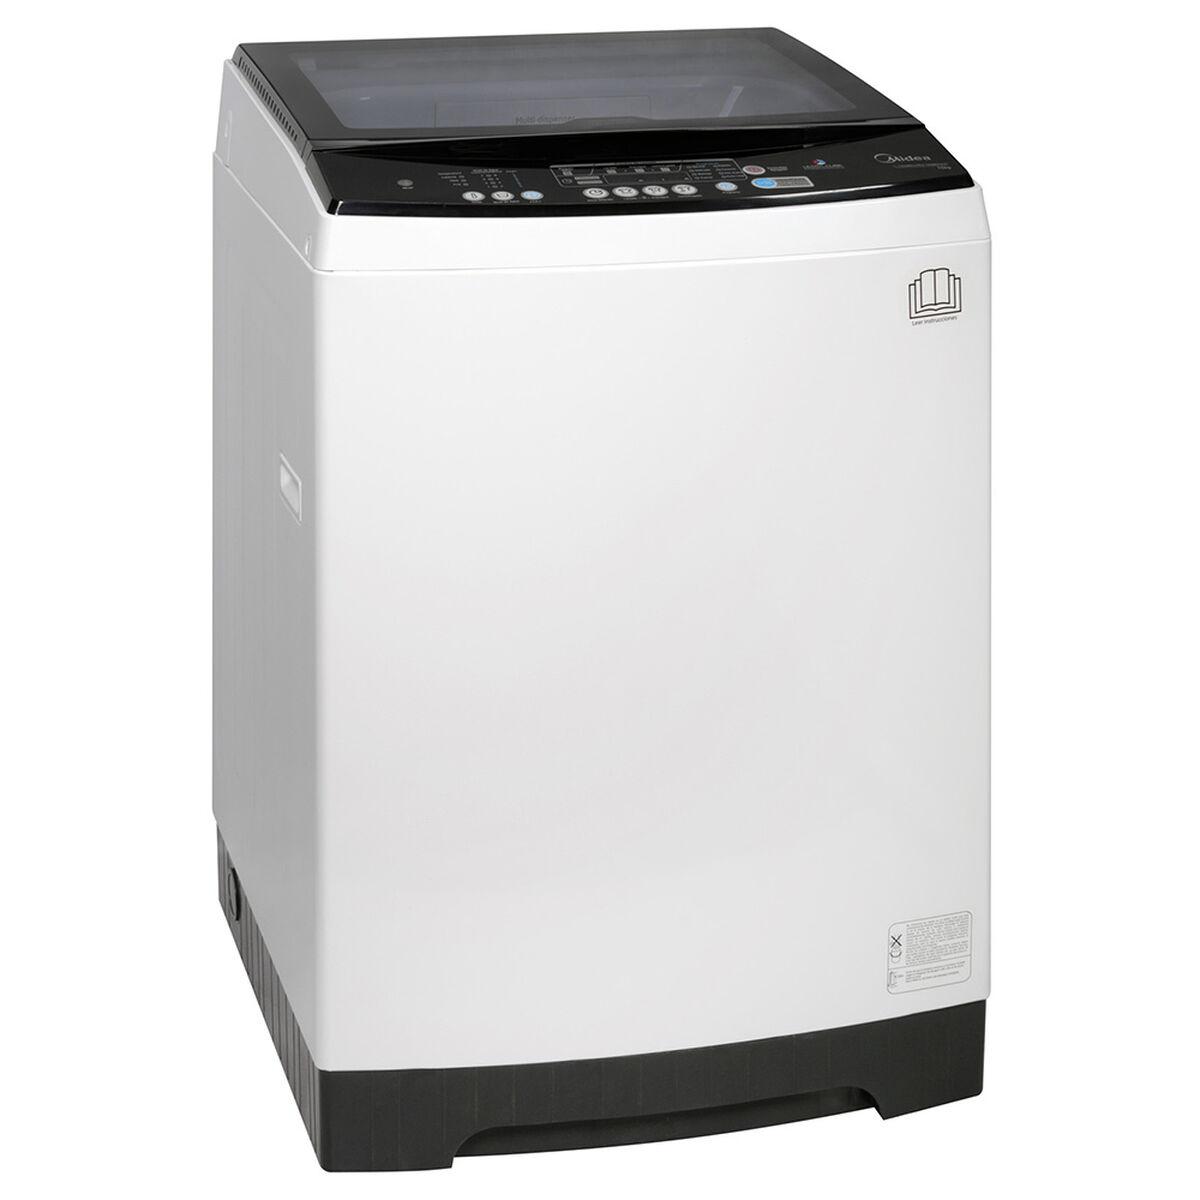 Lavadora Automática Midea MLS160BSC03T 16 kg